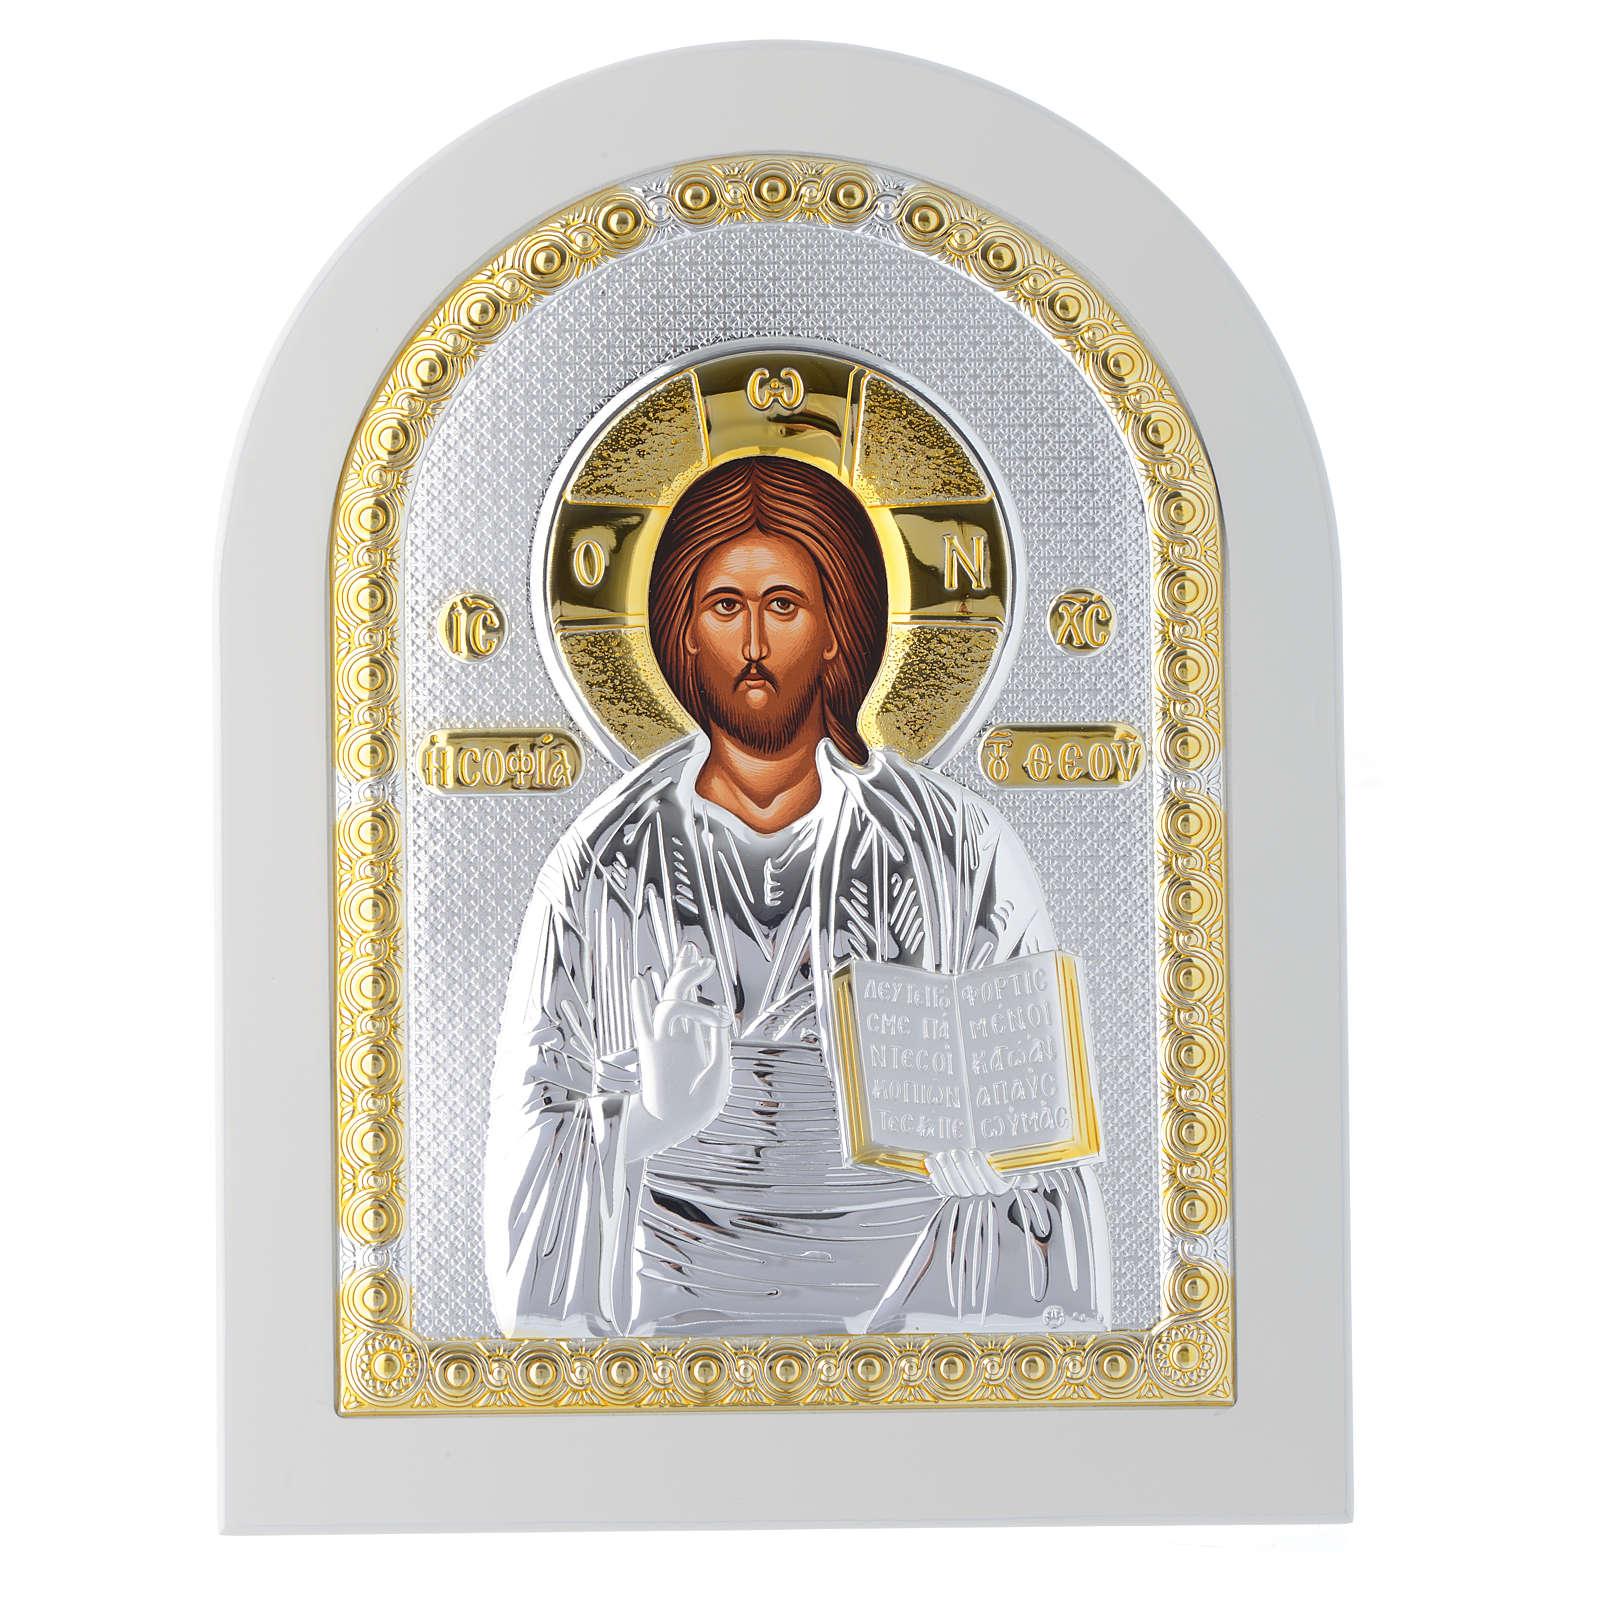 Icona argento Cristo libro aperto 25x20 cm finiture dorate 4